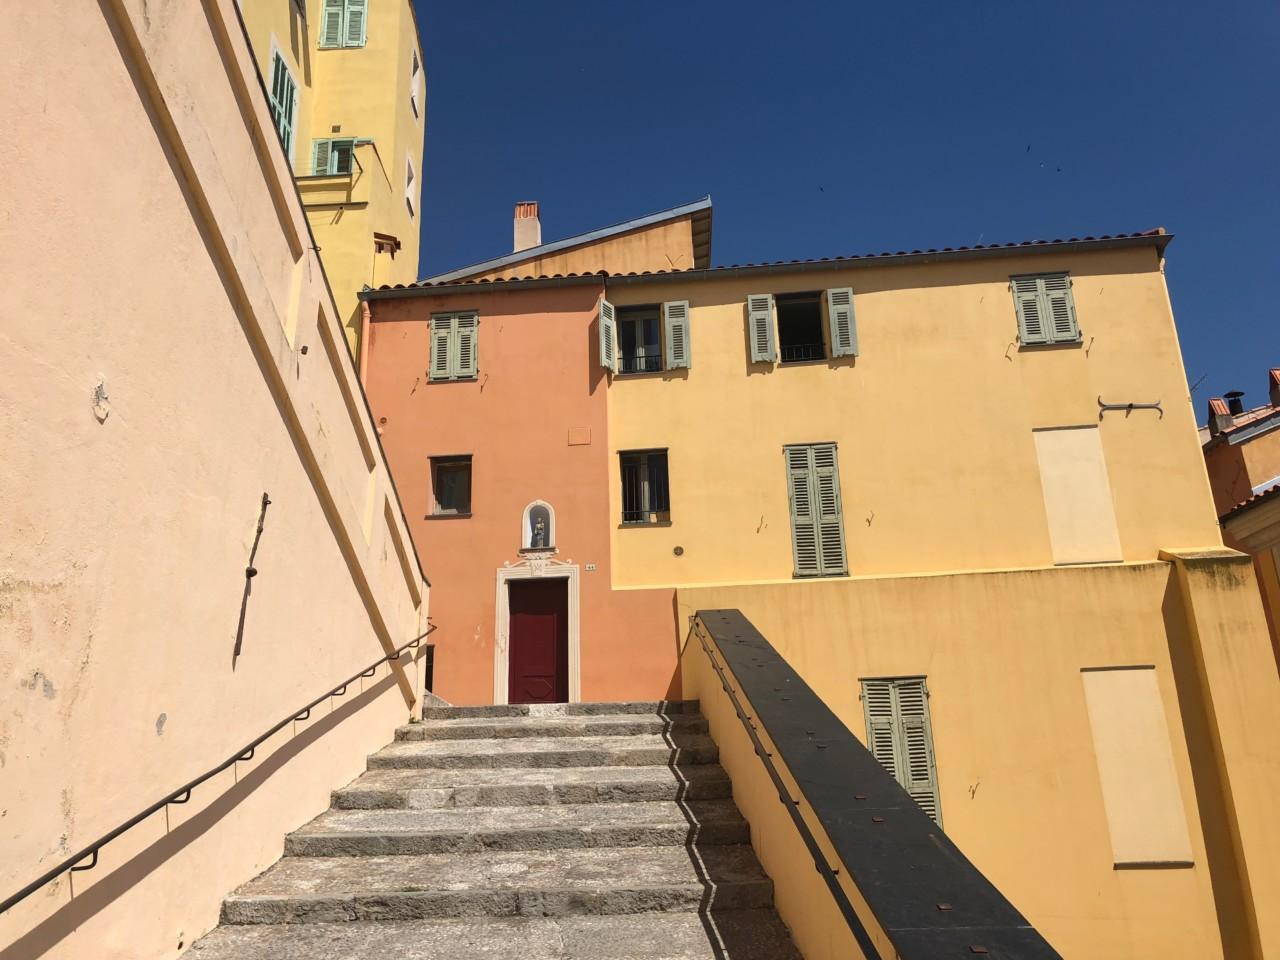 vakre-farger-gamlebyen-menton-green-house